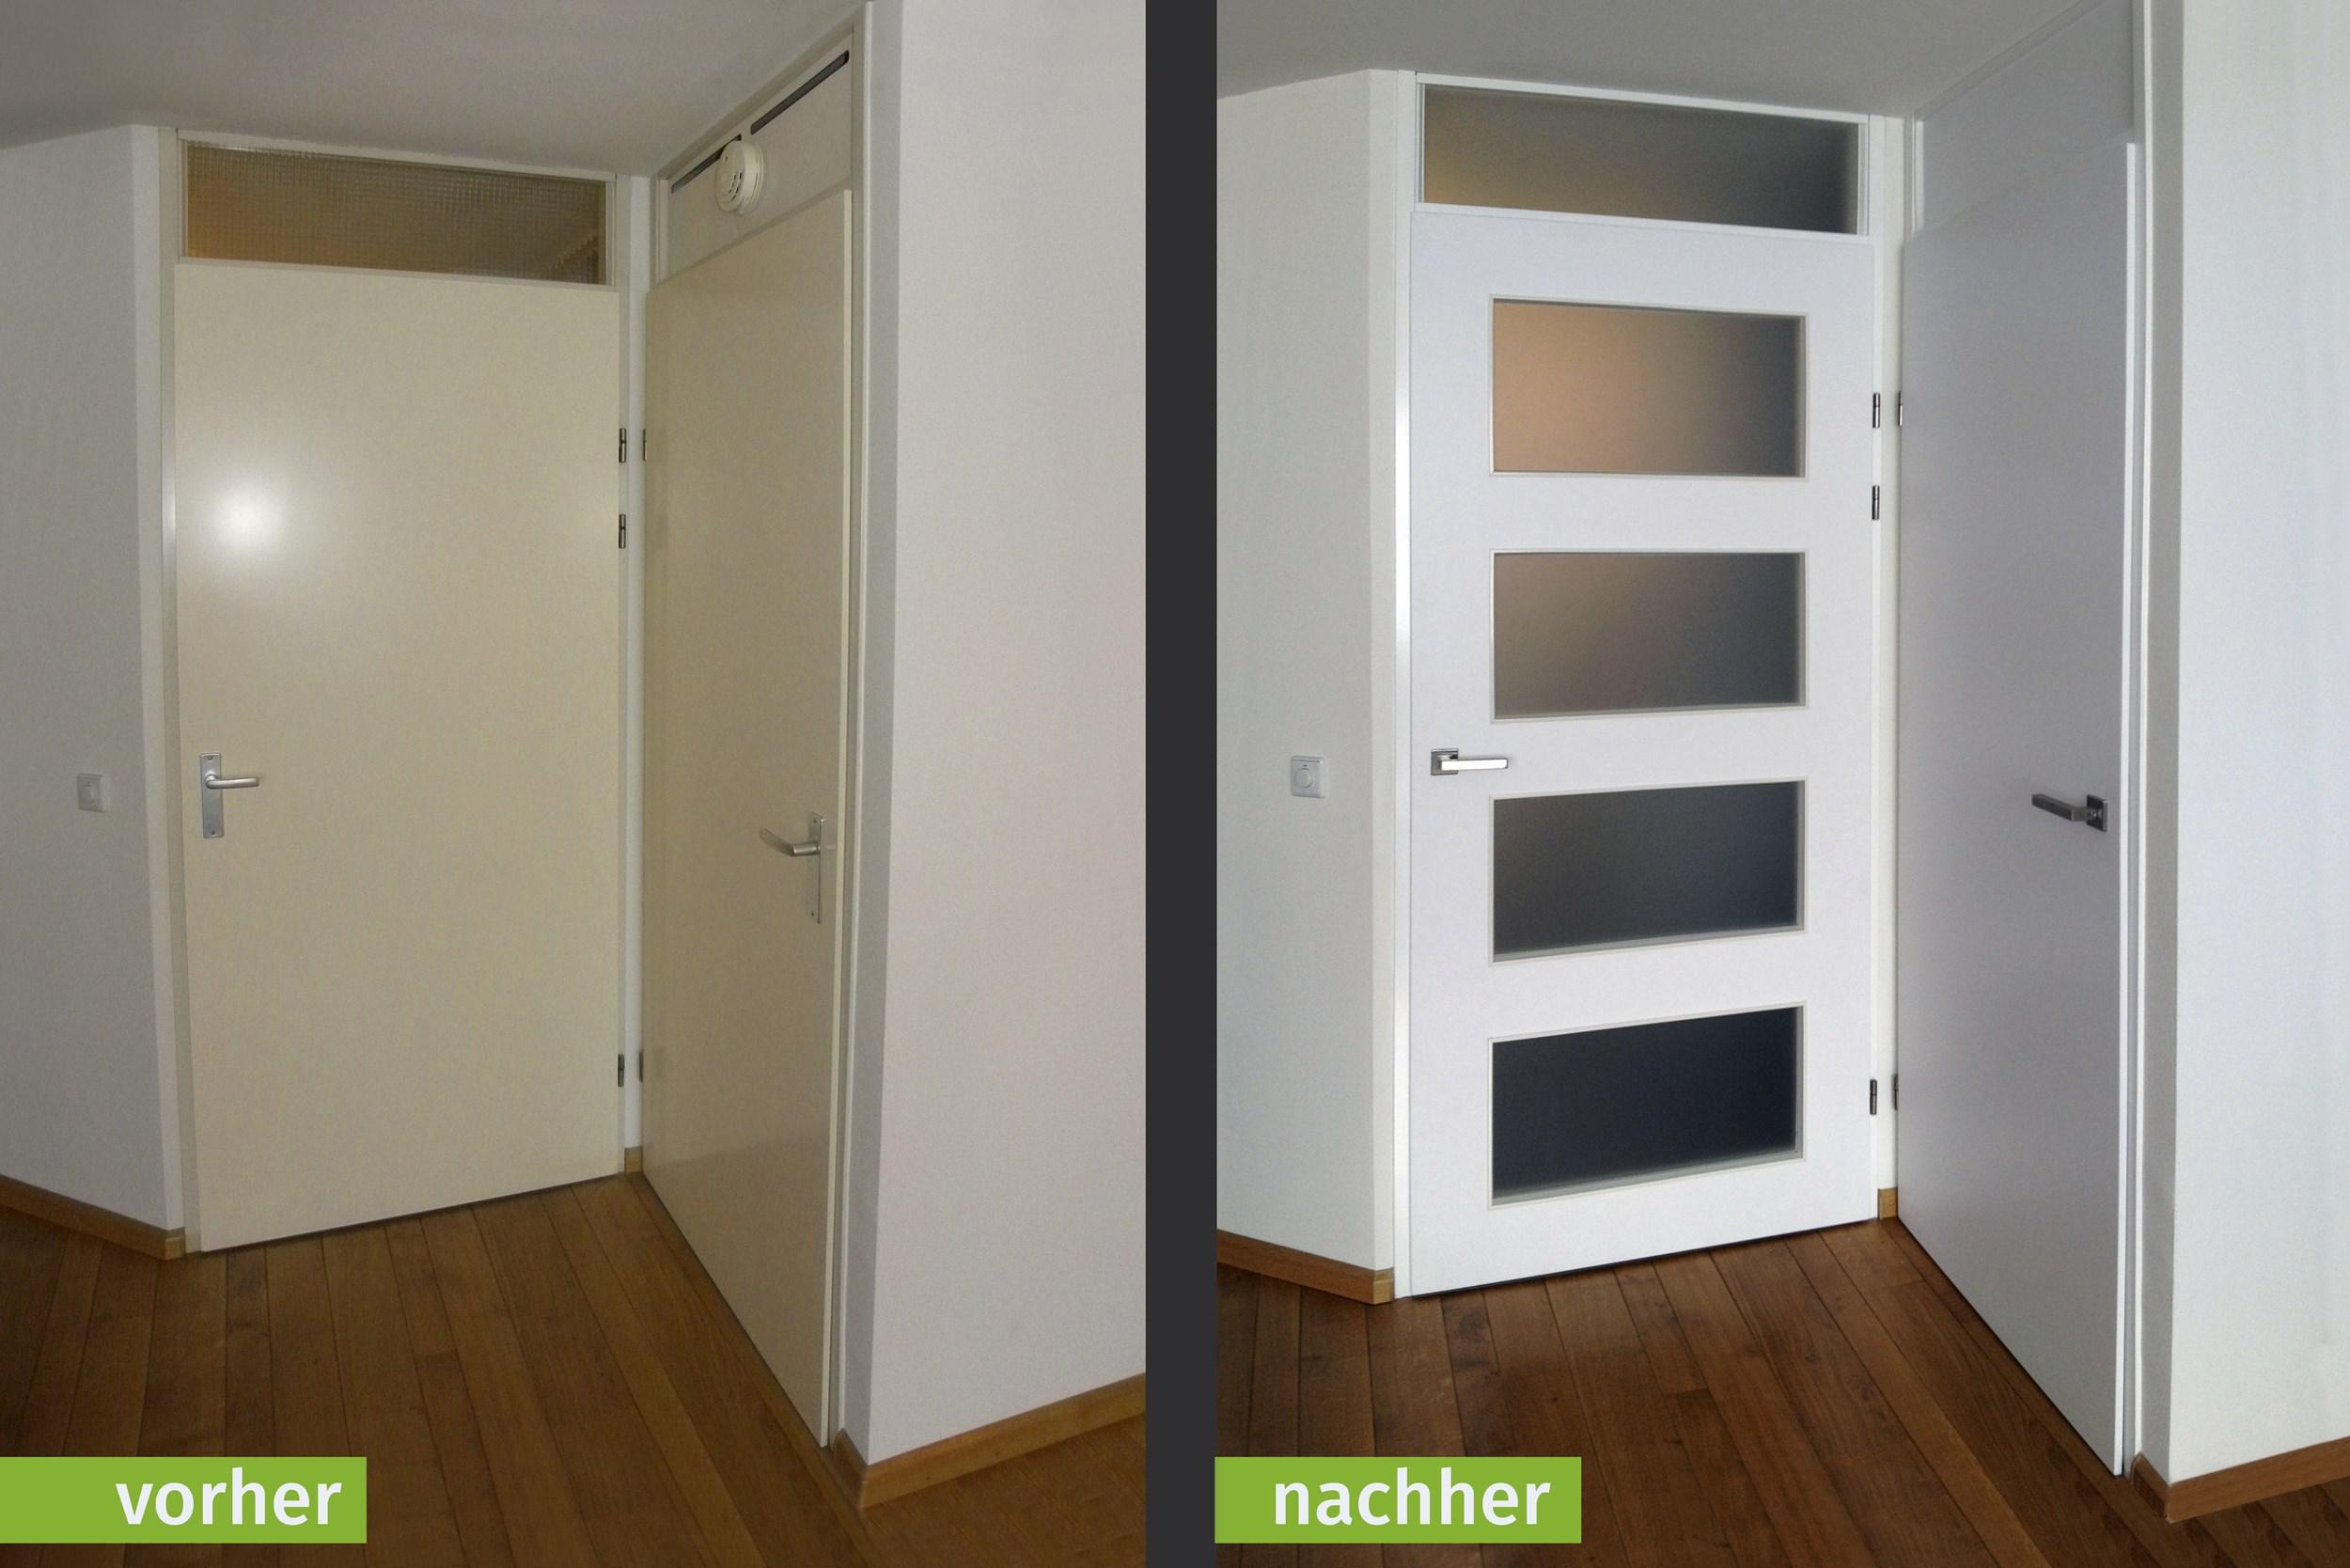 kundenbeispiele t renrenovierung portas sterreich renovierung. Black Bedroom Furniture Sets. Home Design Ideas